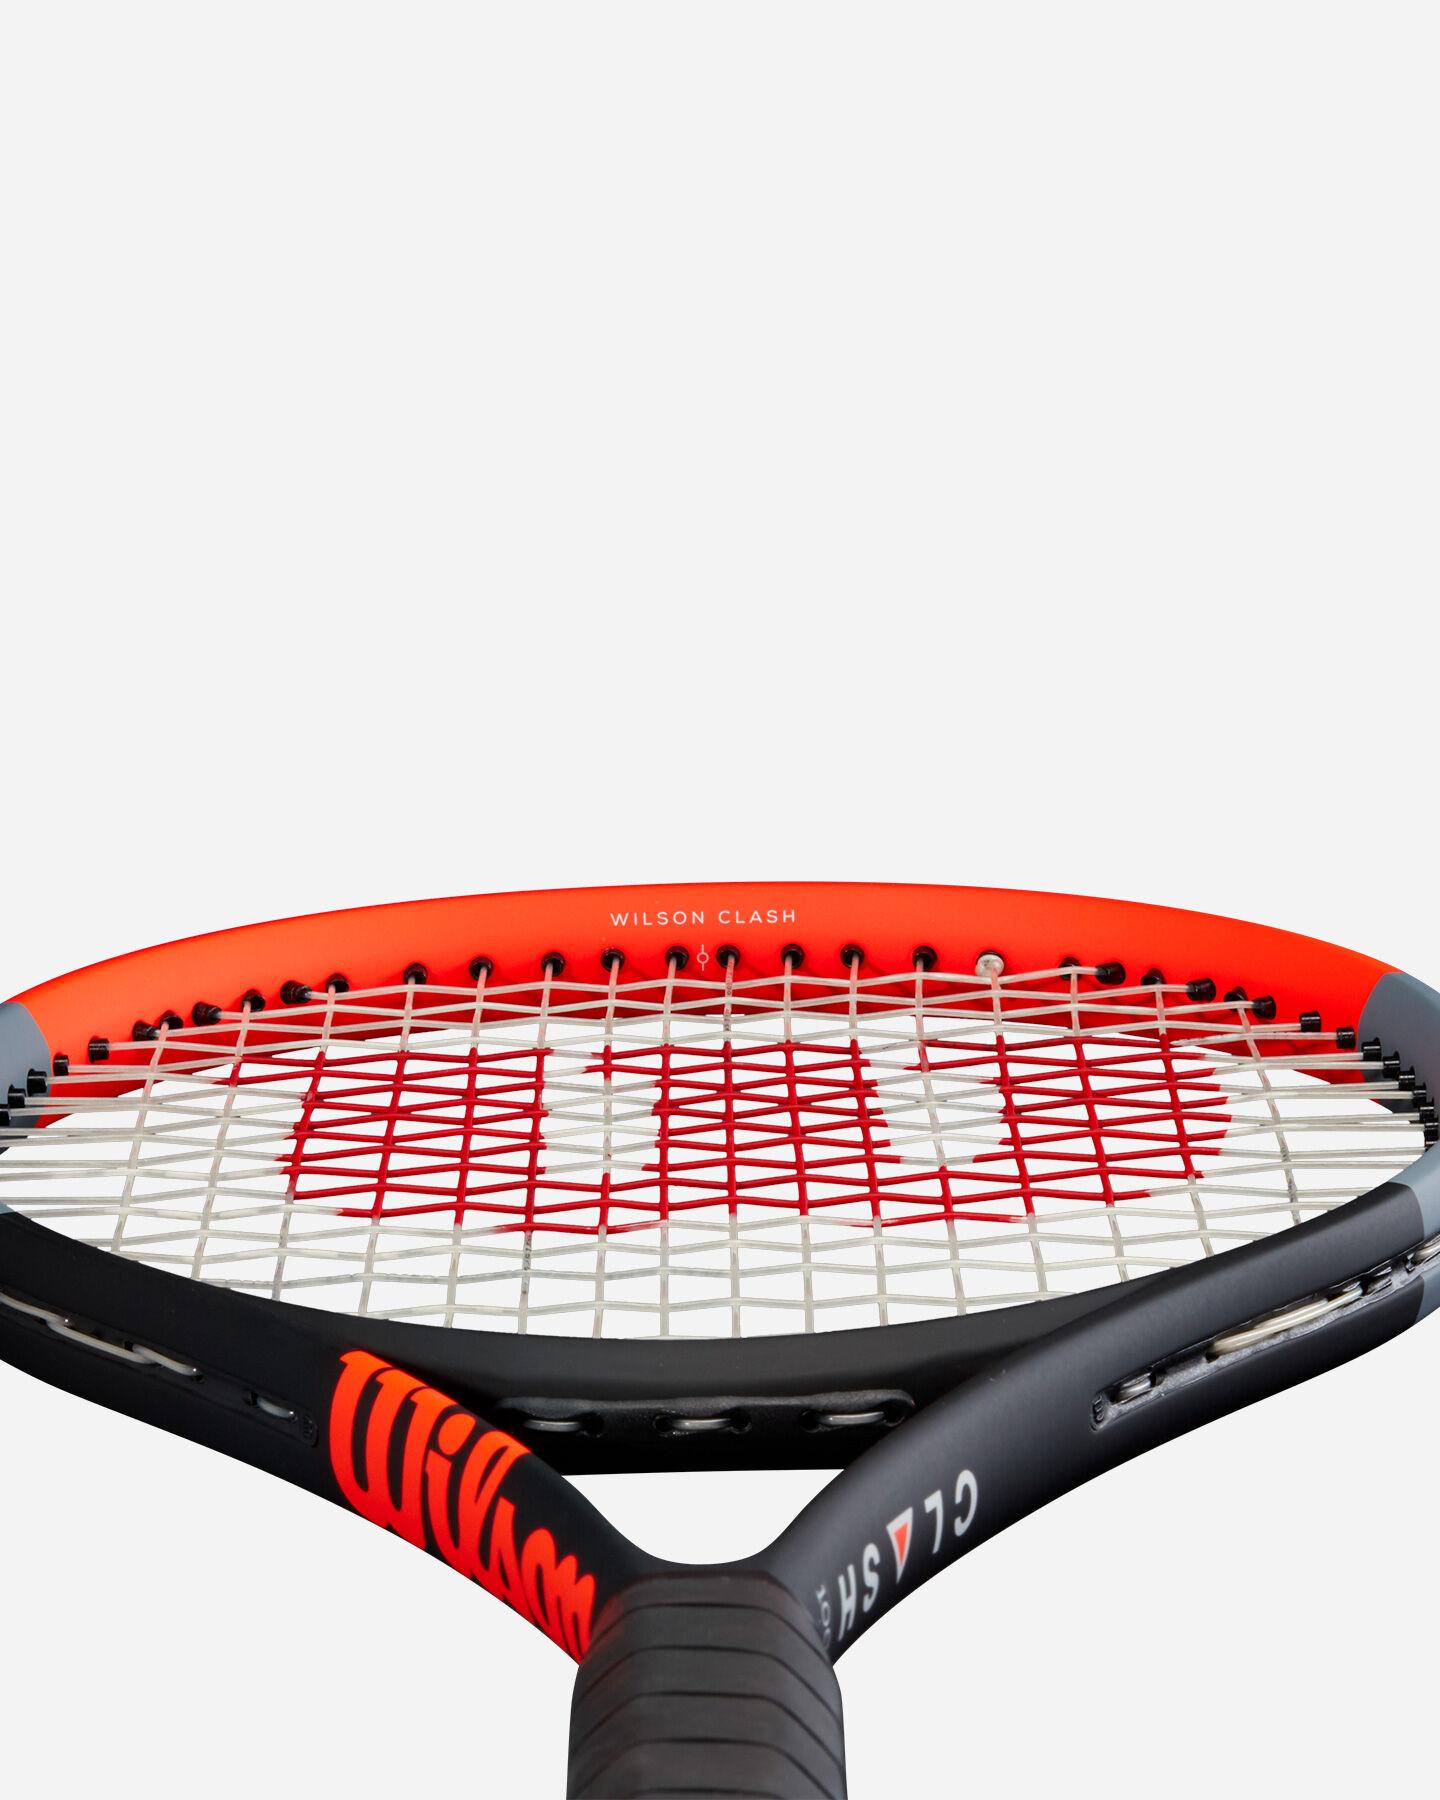 Telaio tennis WILSON CLASH 100L S5134243 scatto 3